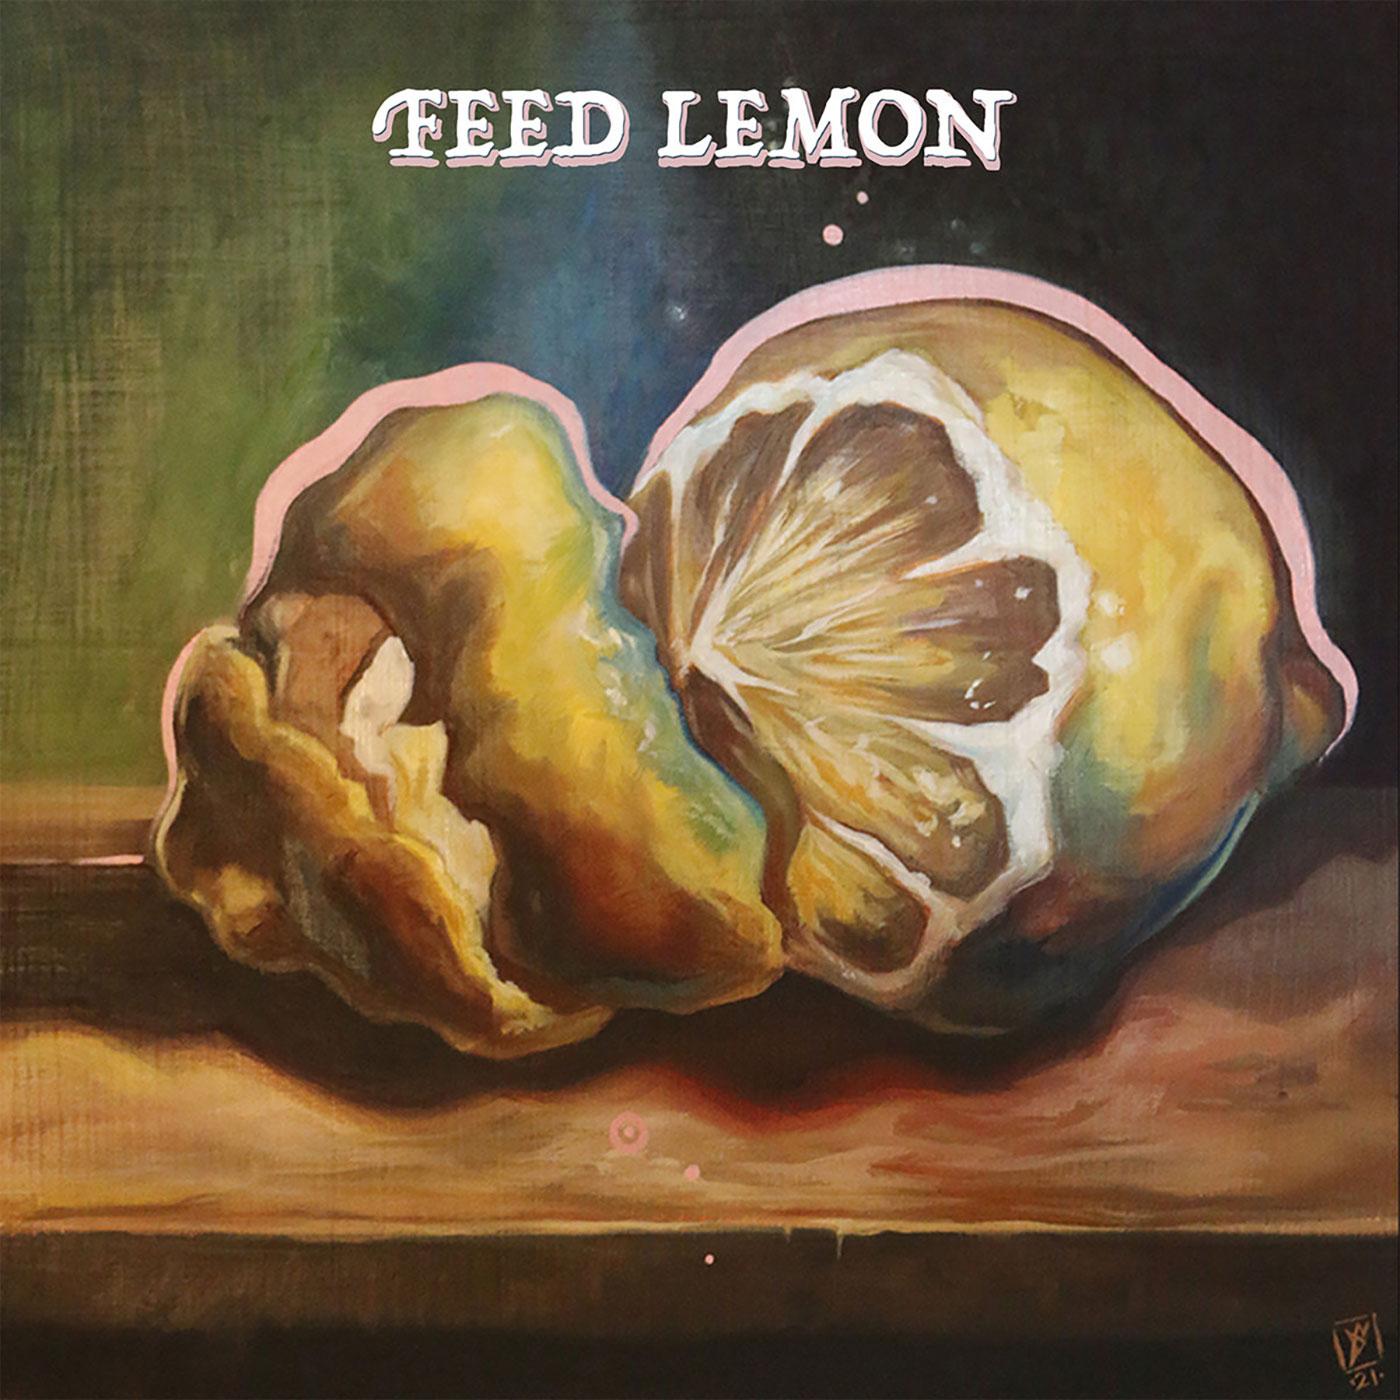 Feed Lemon - Feed Lemon